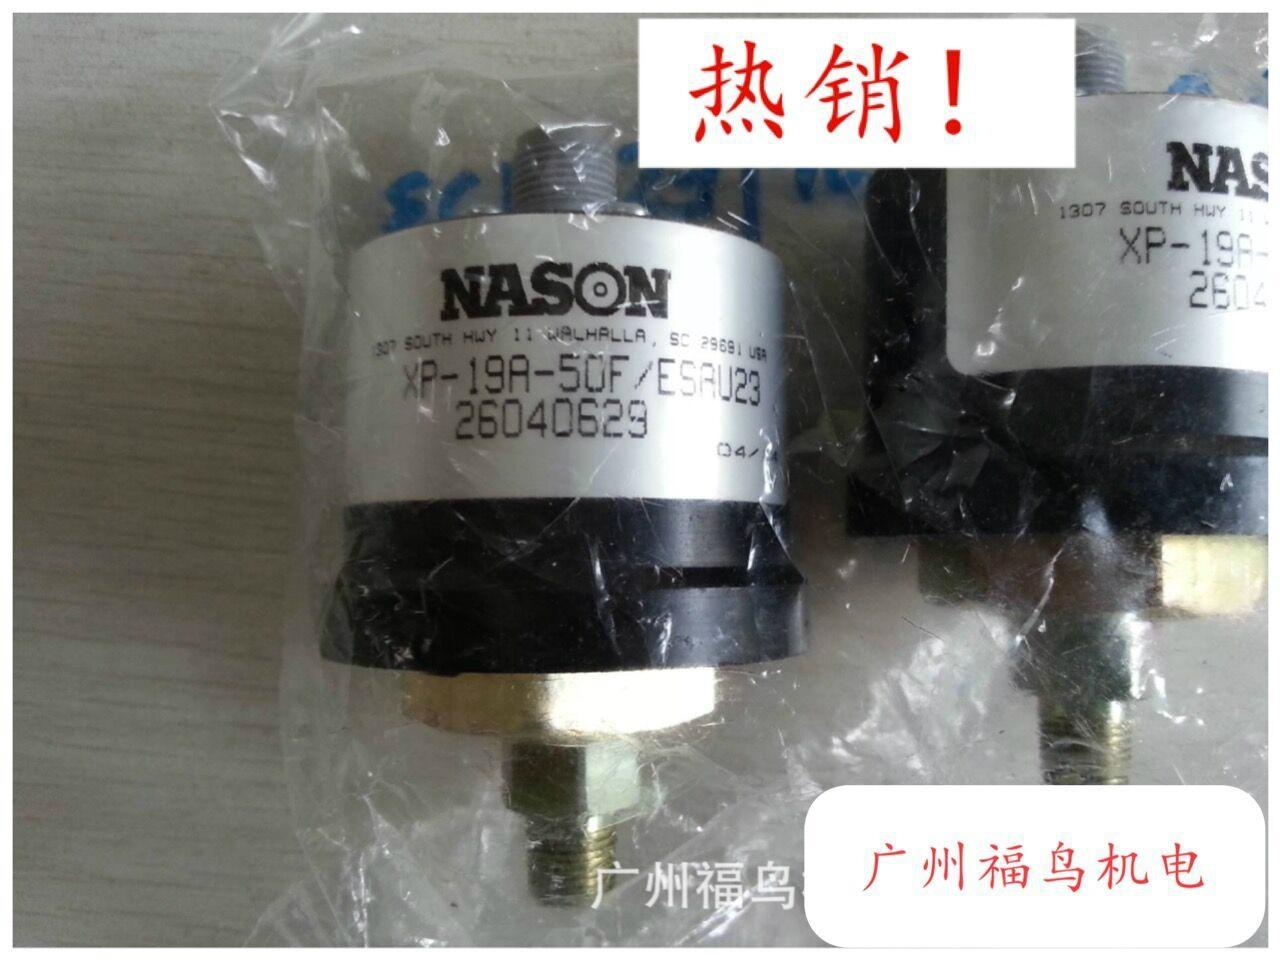 NASON壓力開關, 型號: XP-19A-50F/EASU23